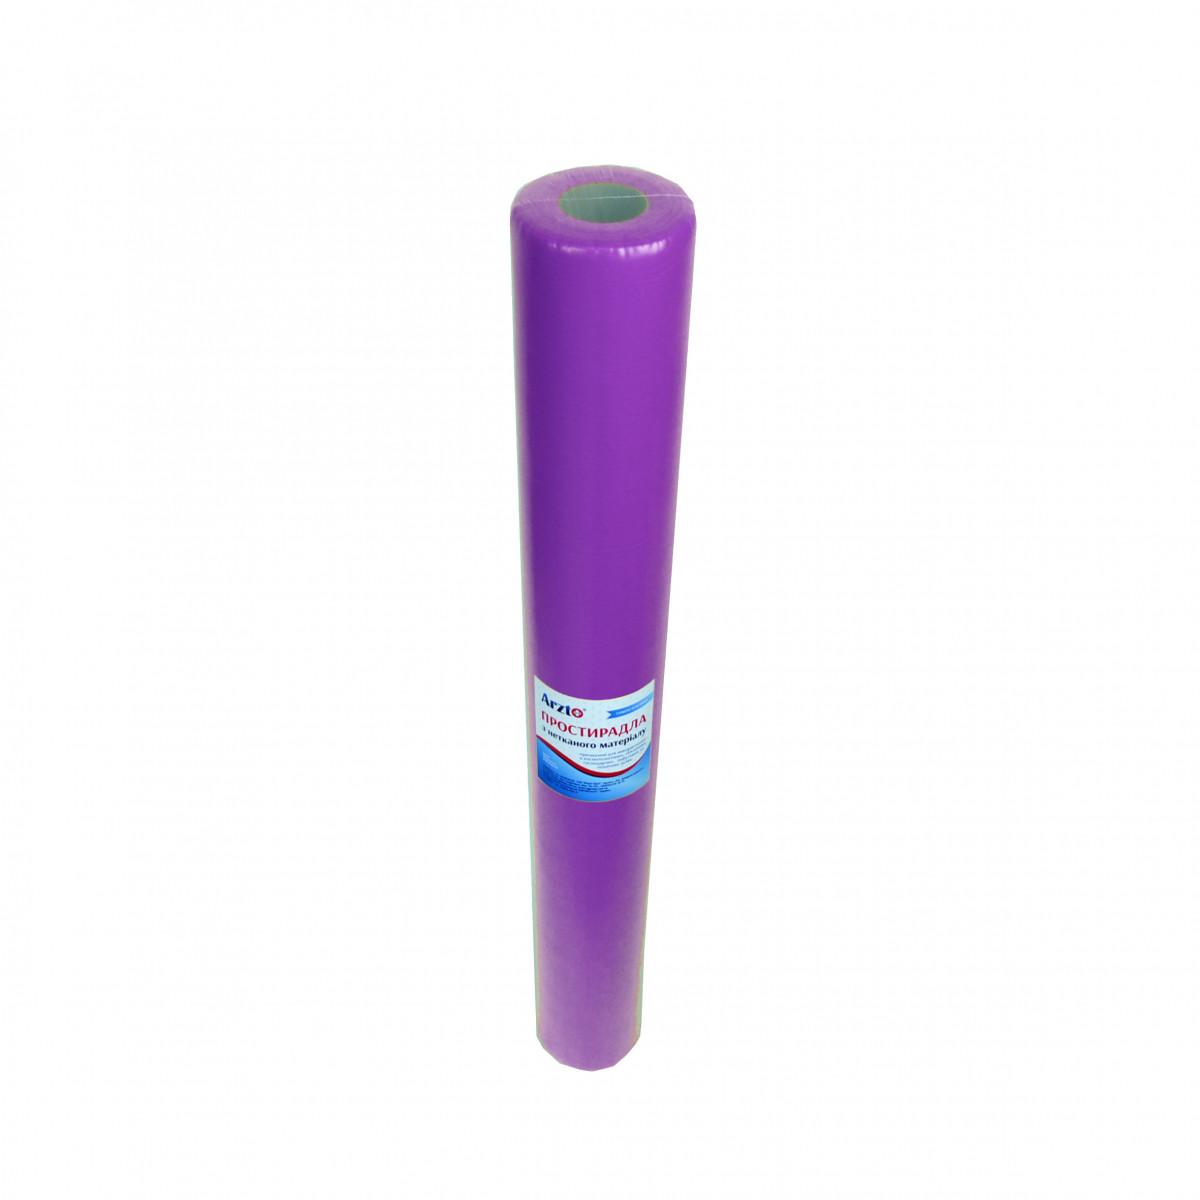 Рулон спанбонд Arzt plus 0,6х100 без перфорации (20 г/м2) фиолетовый